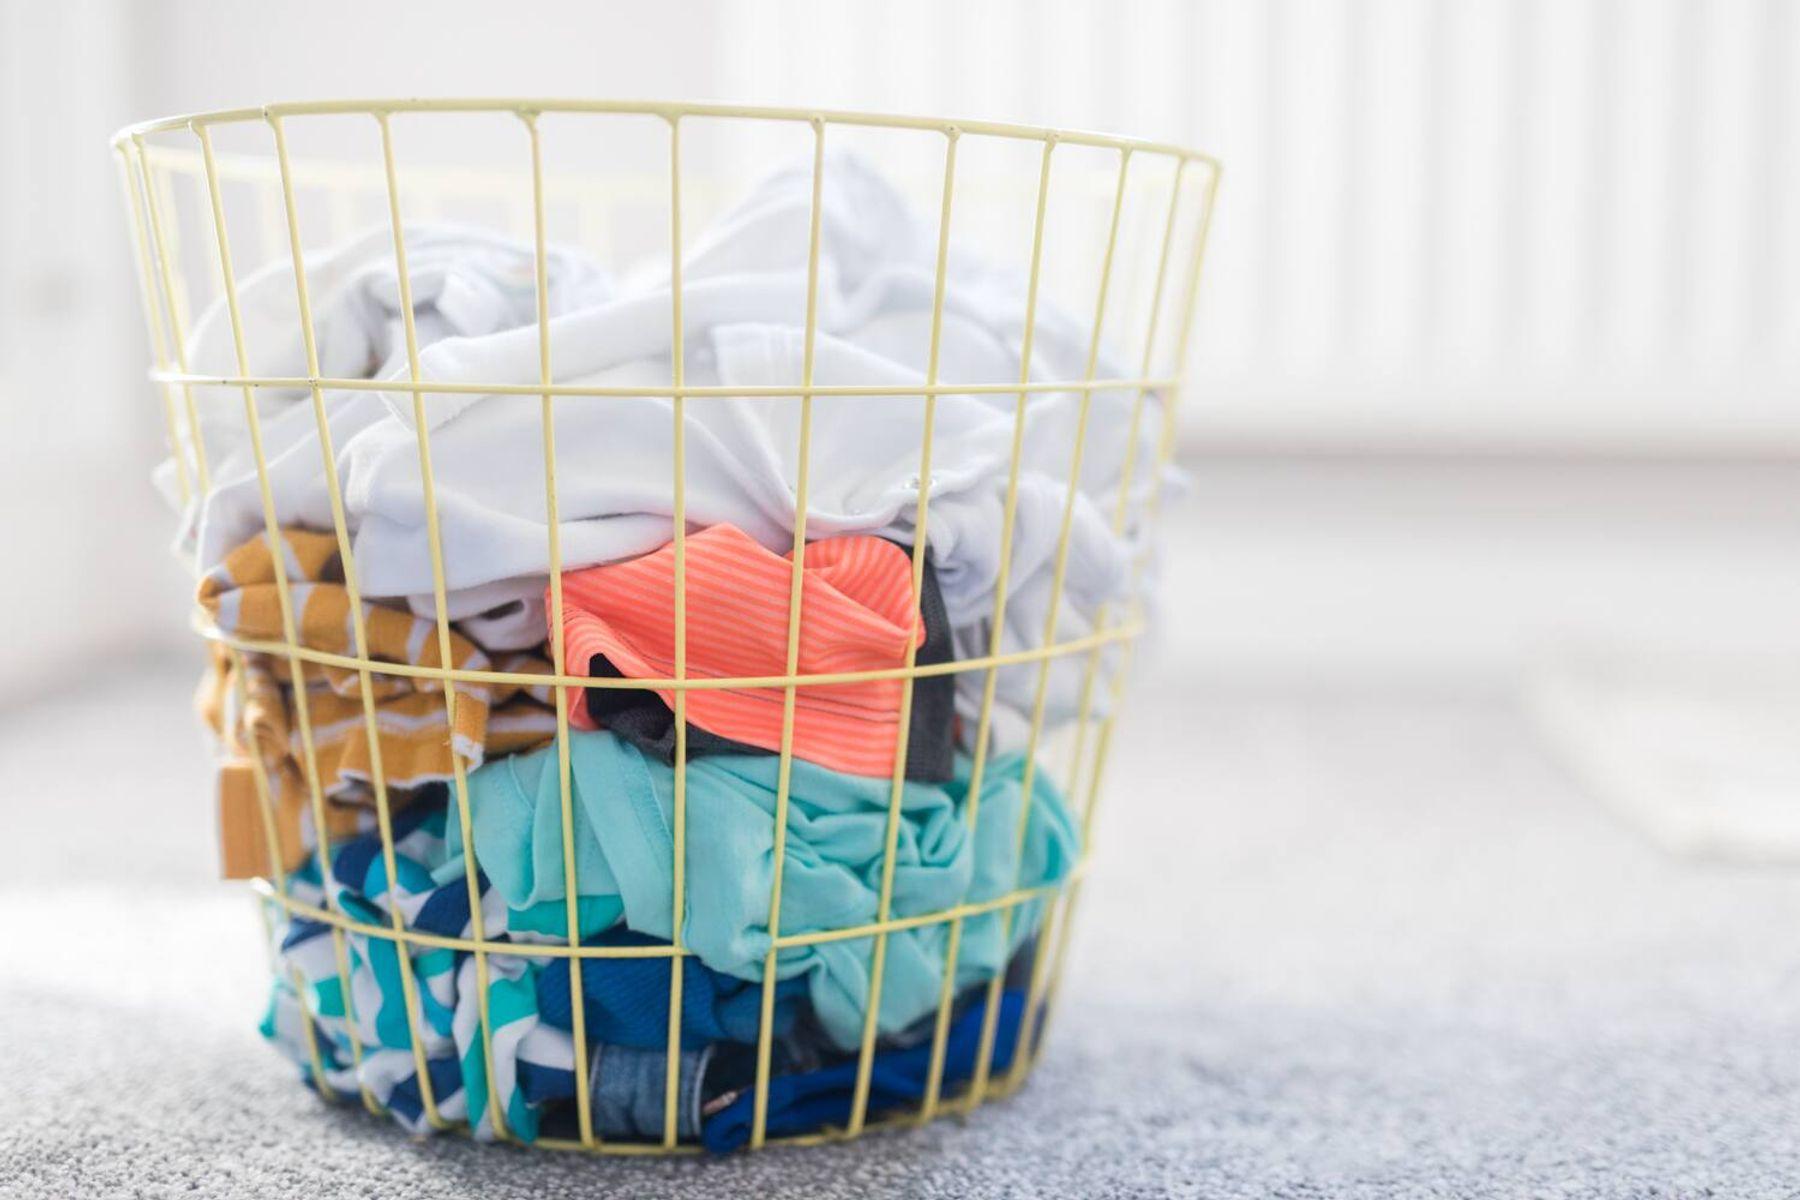 Bí quyết giúp quần áo bạn luôn thơm mát khi ở nhà cả ngày